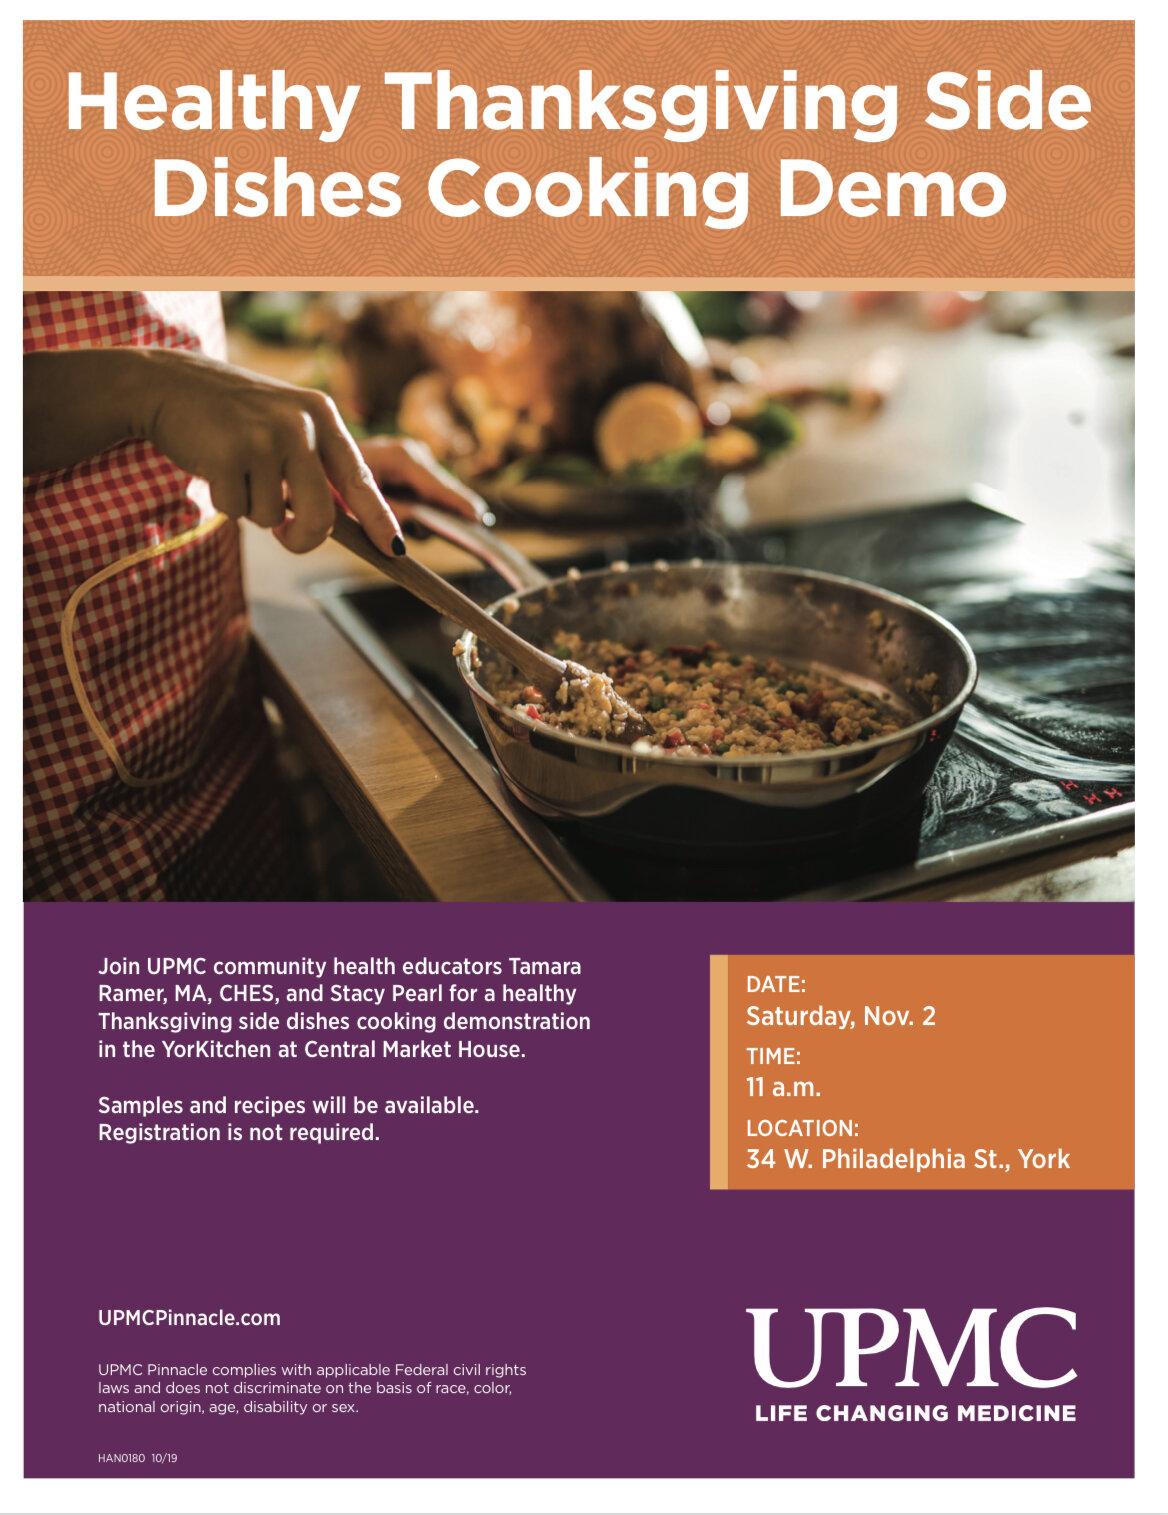 upmc-cooking-demo-central-market.jpg